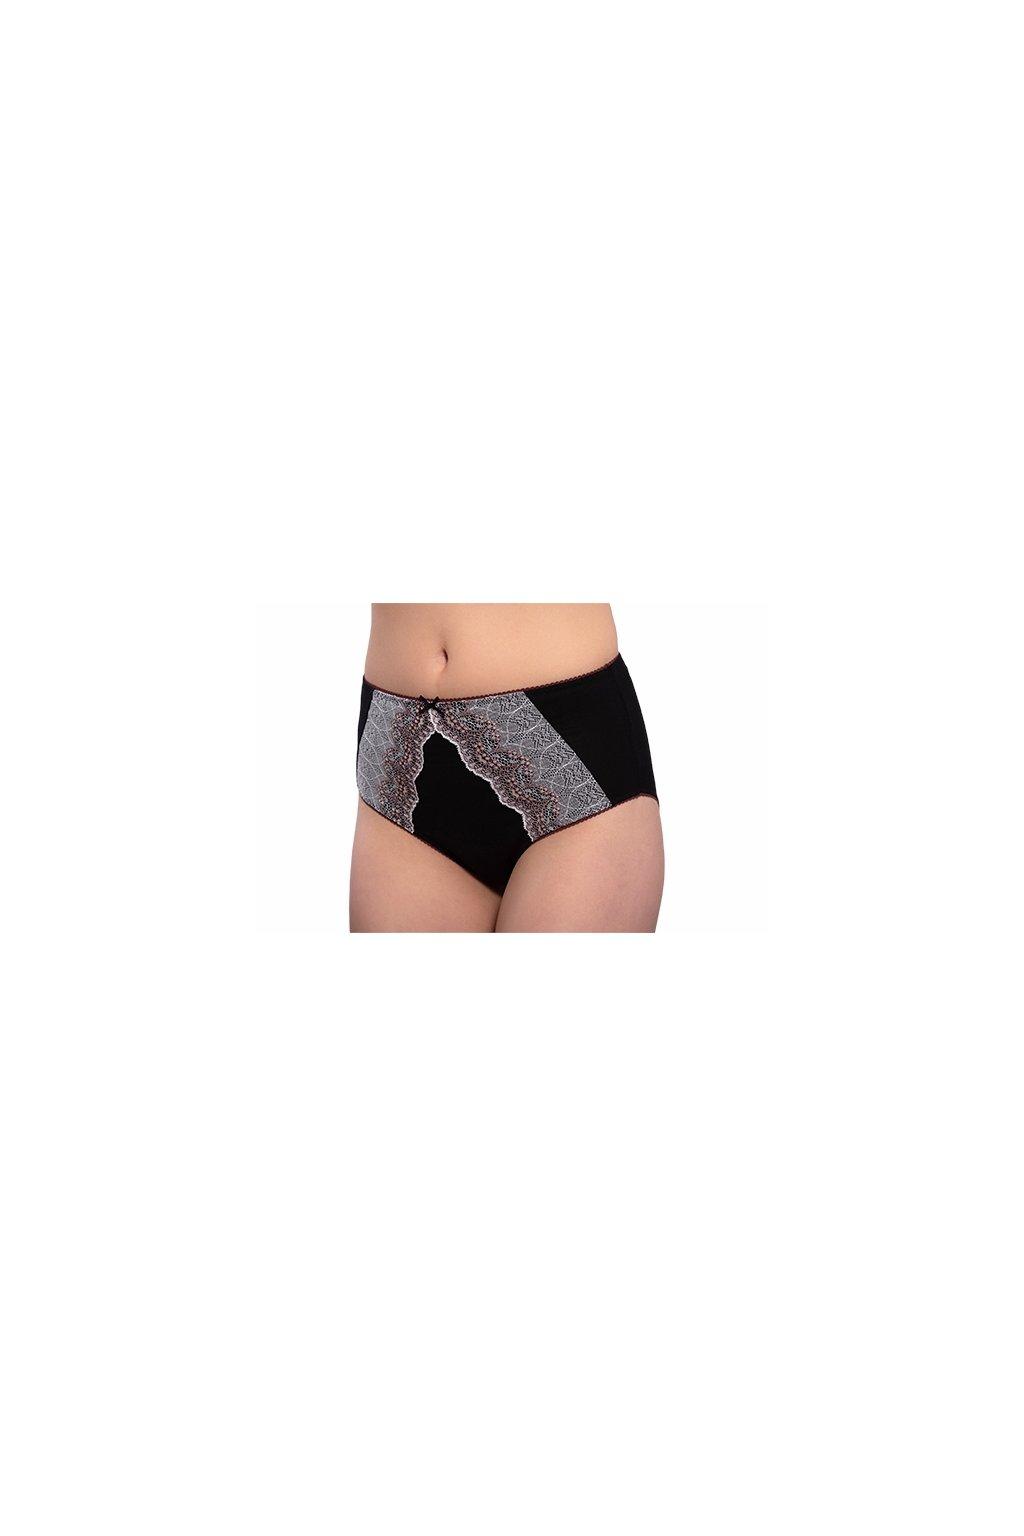 Dámské kalhotky, 100204 29, černá